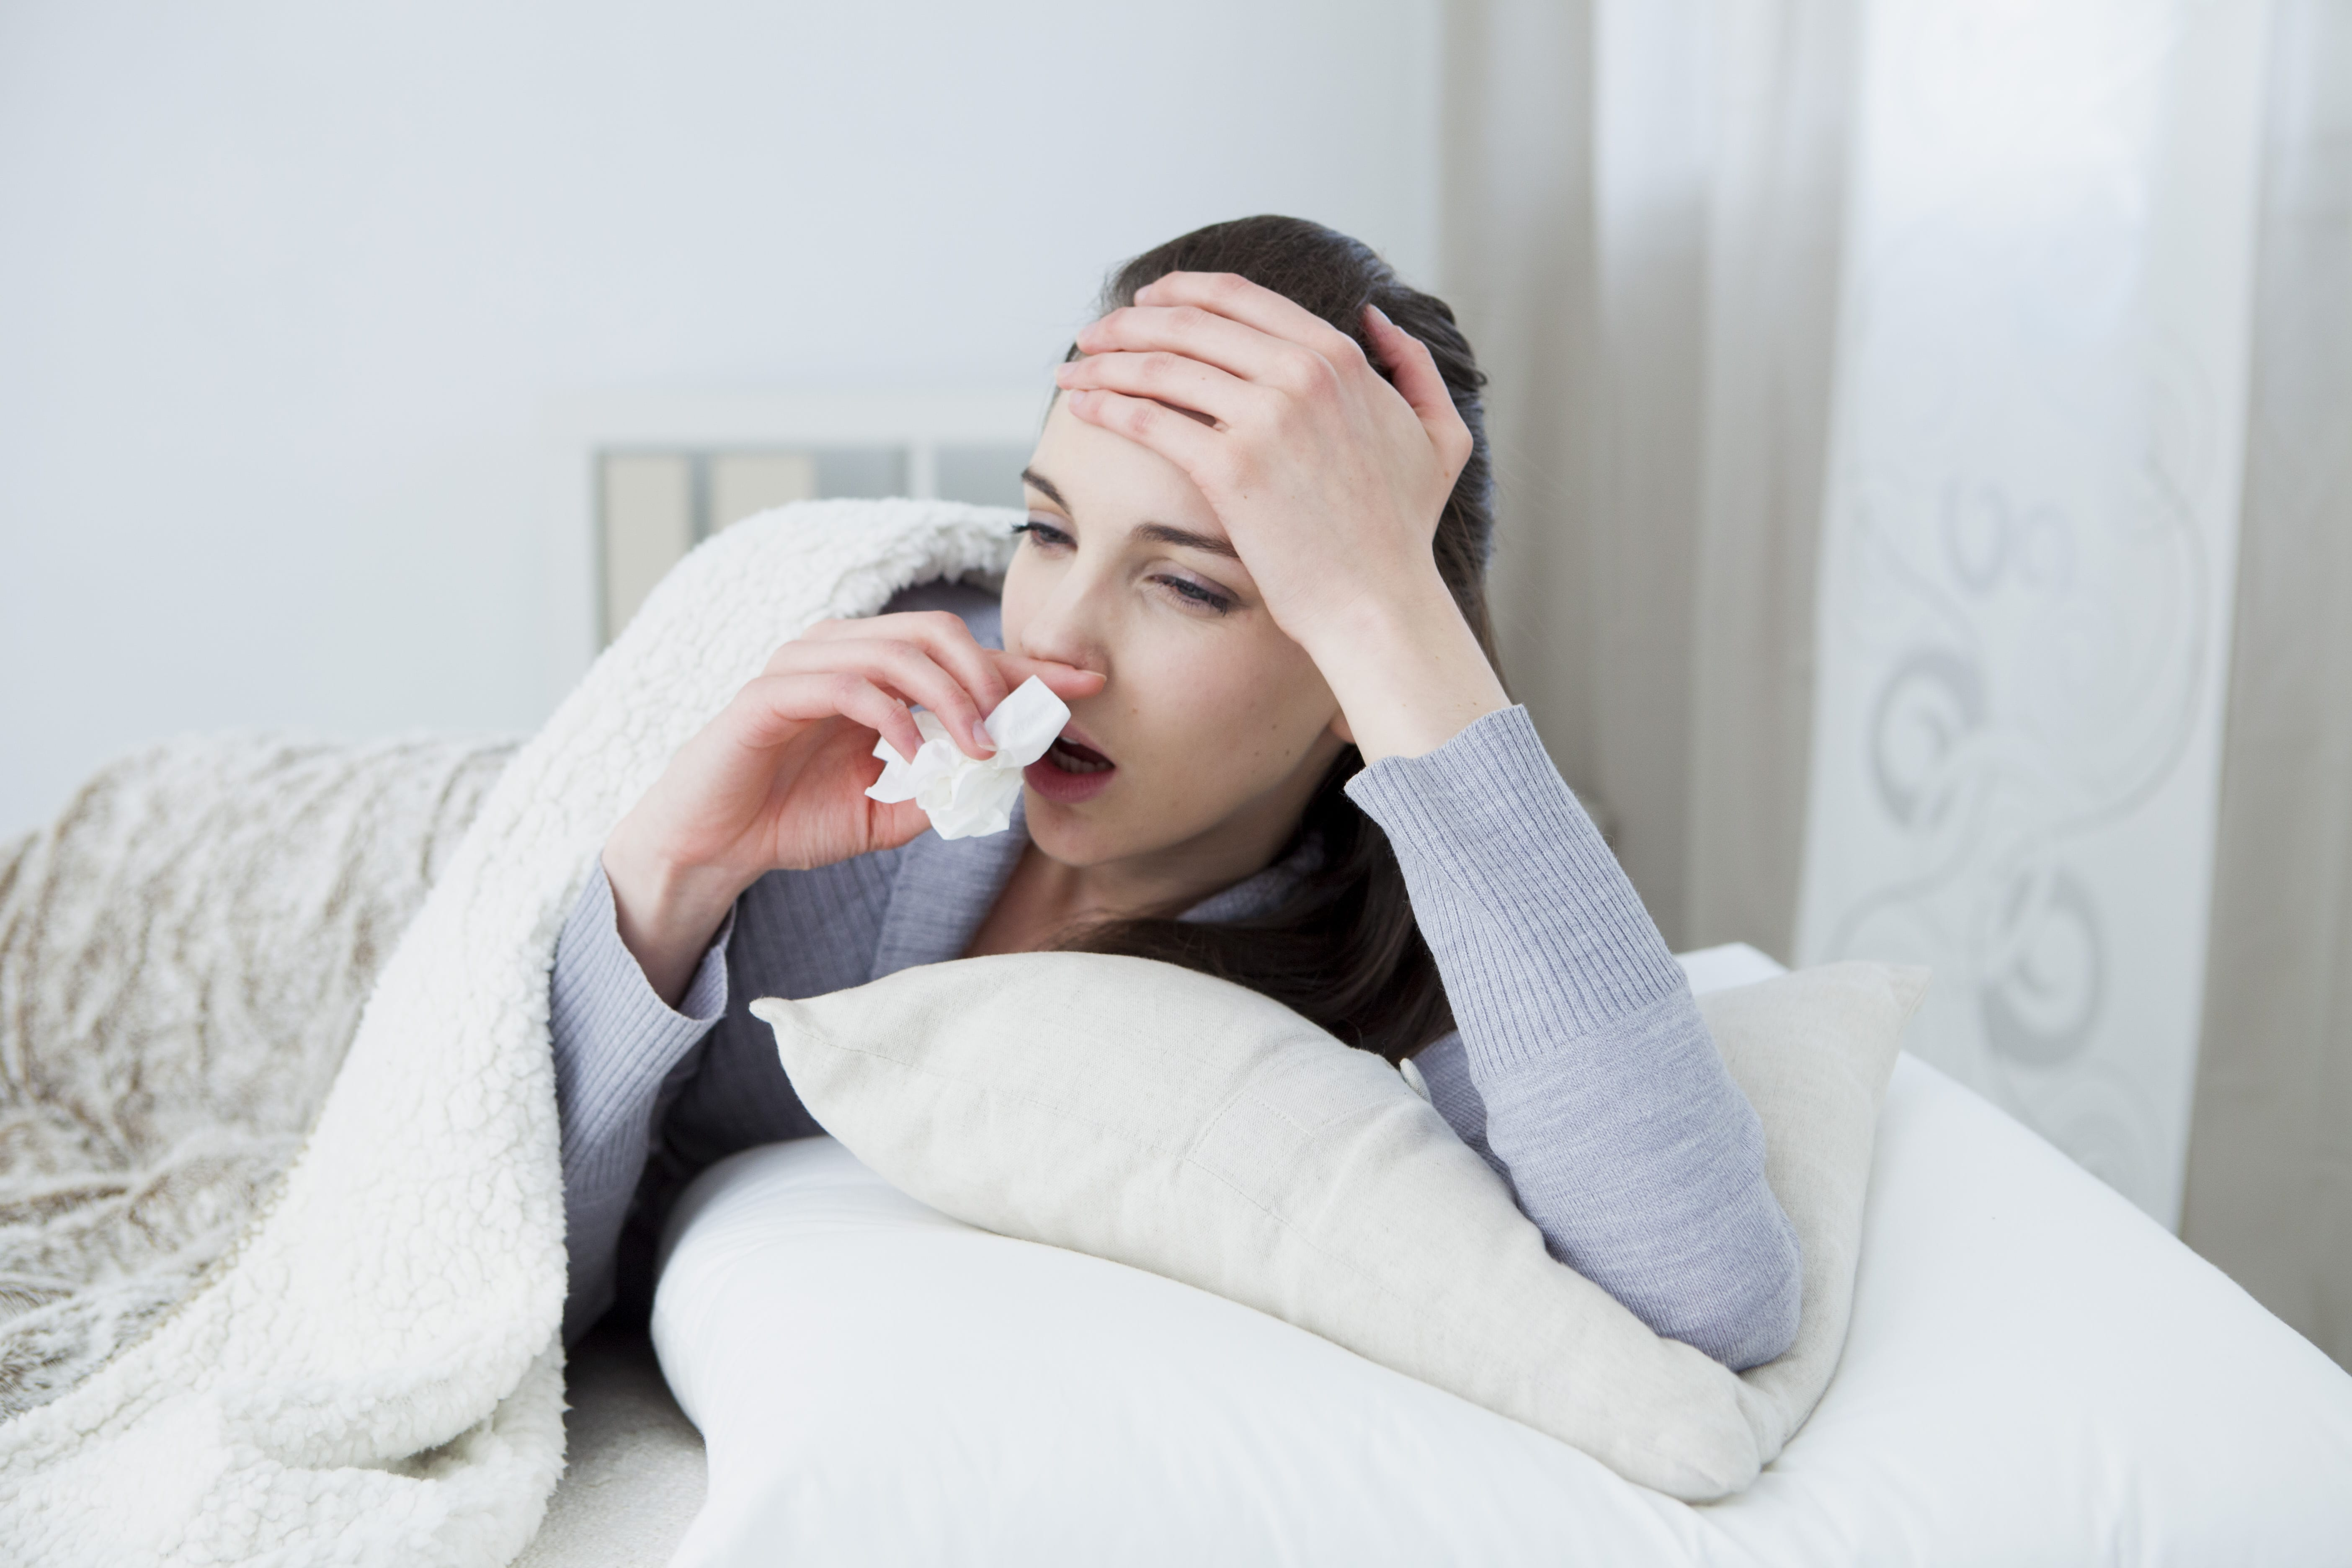 molecola cura raffreddore